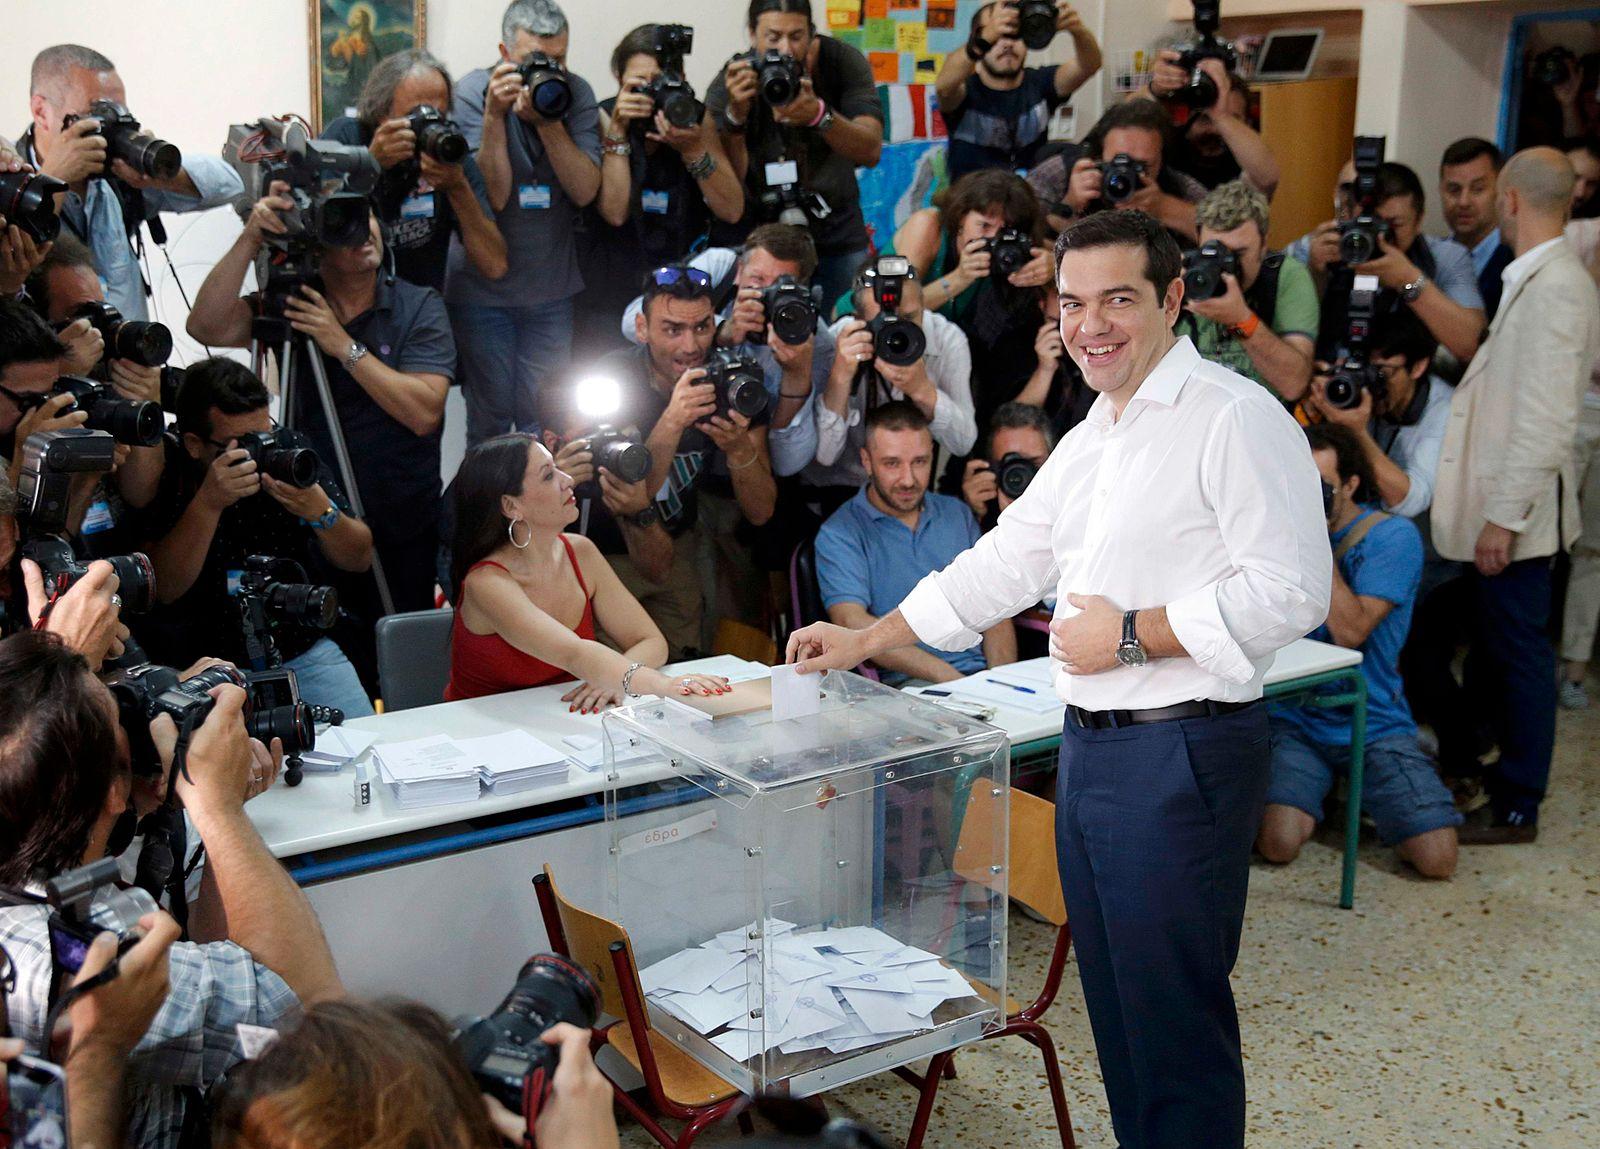 Griechenland Wahl/ Aktuell/